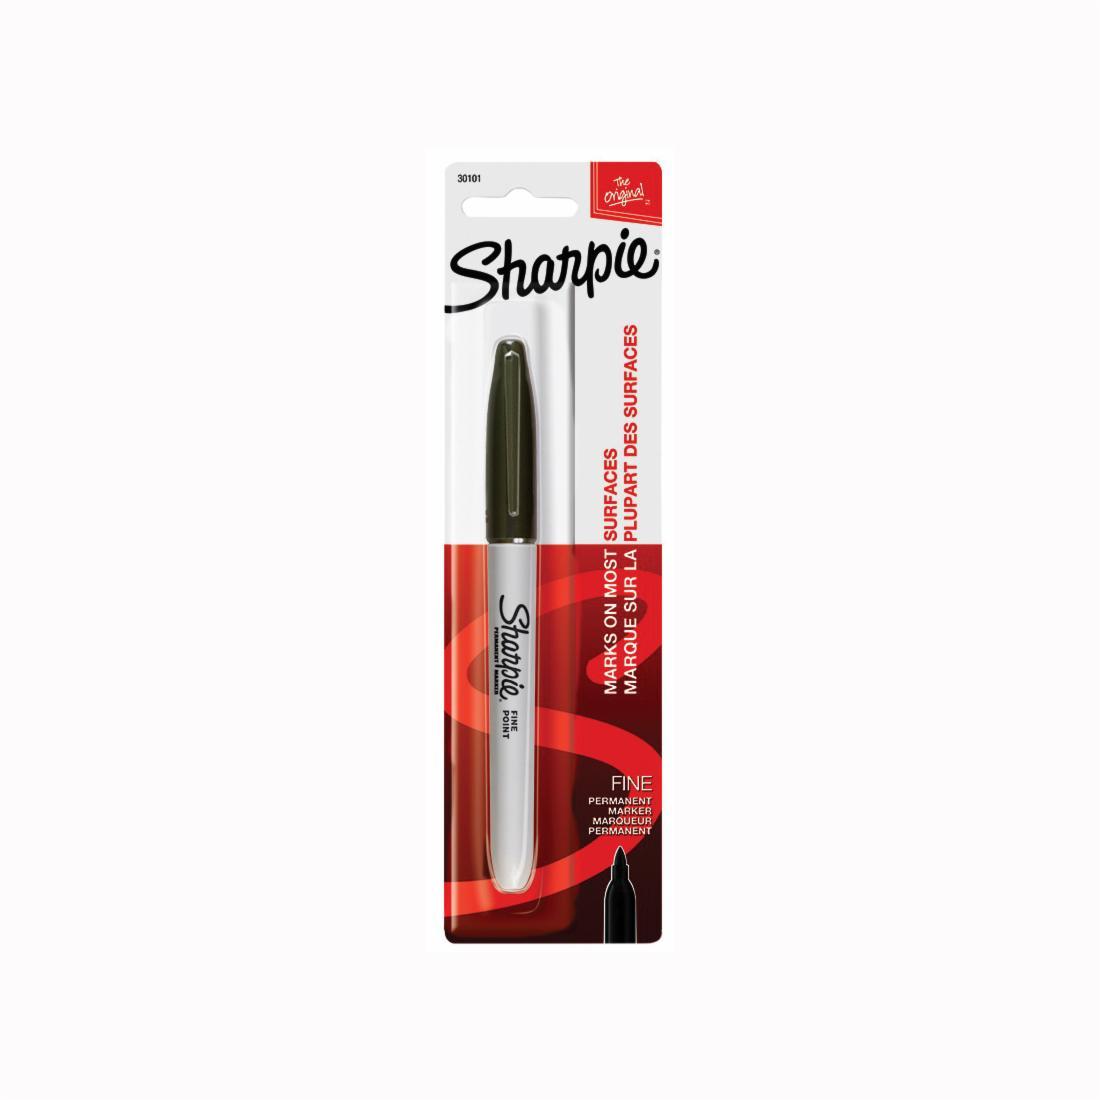 Sharpie 30101